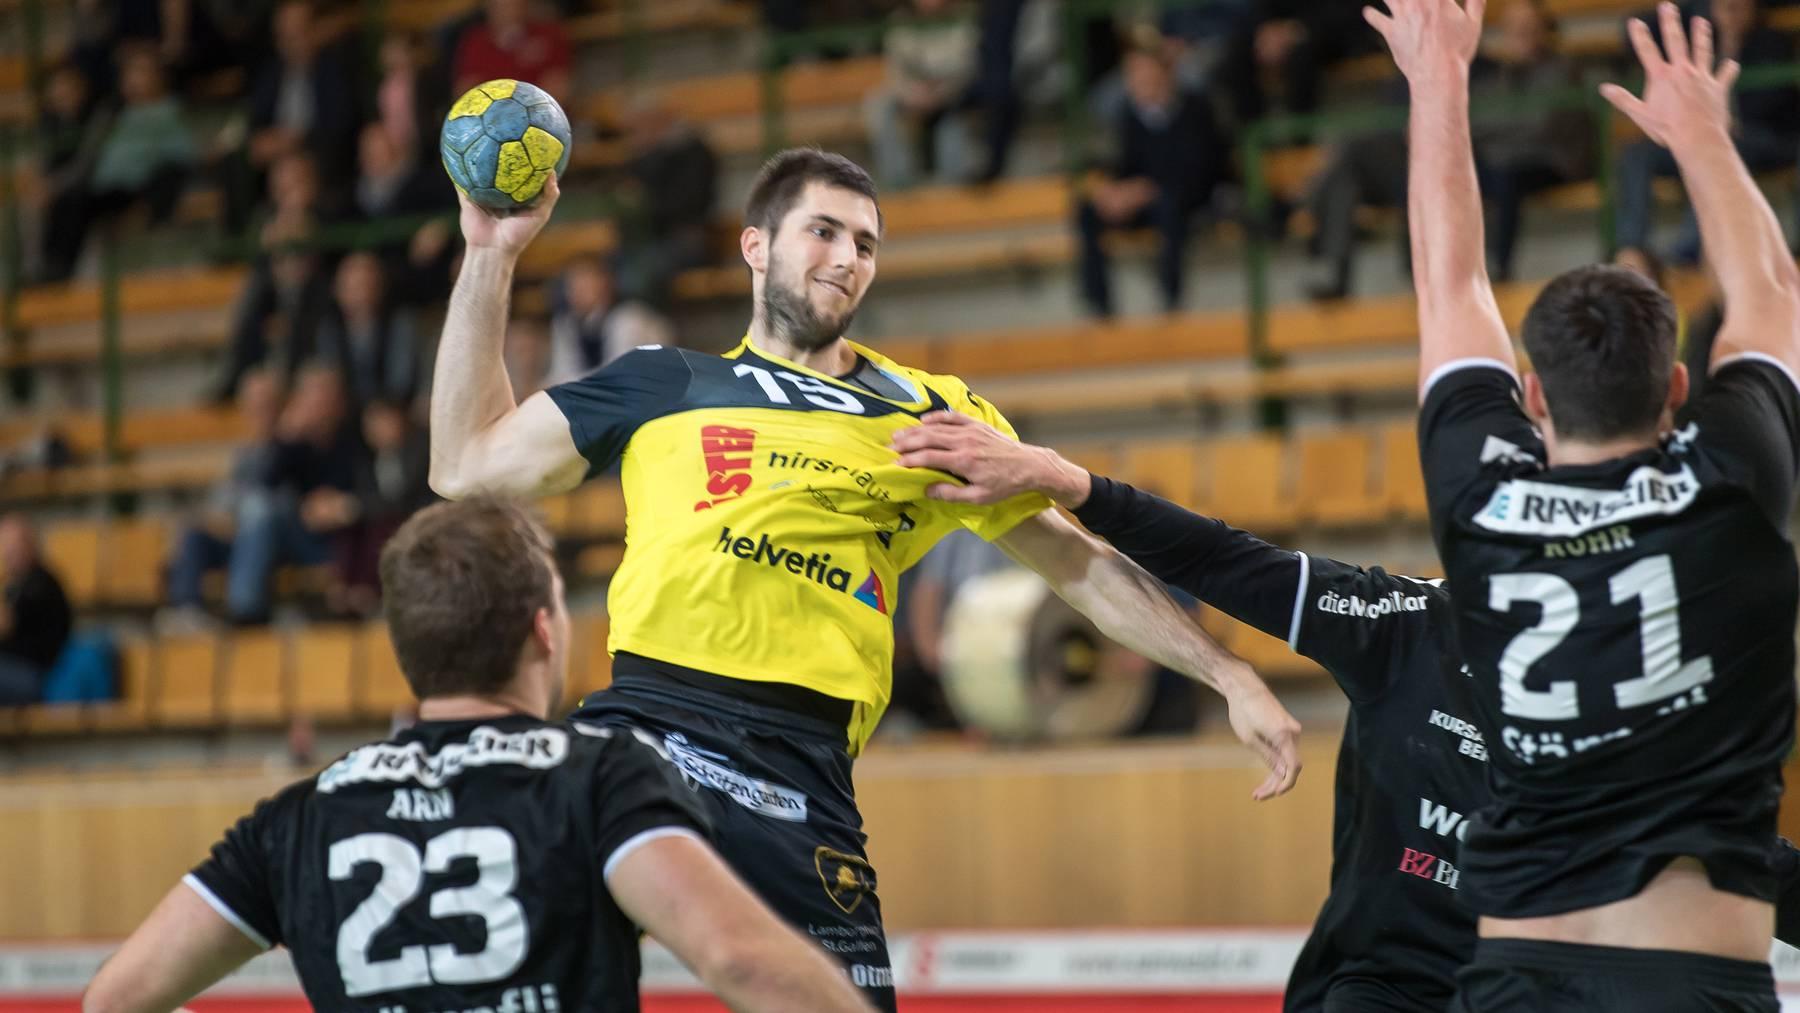 Die IG Handball St.Gallen hat sich wegen der Hallensituation in der Stadt mit einem offenen Brief an den Stadtrat gewandt. Spitzenmannschaften wie der St.Otmar bräuchten modernere Hallen.